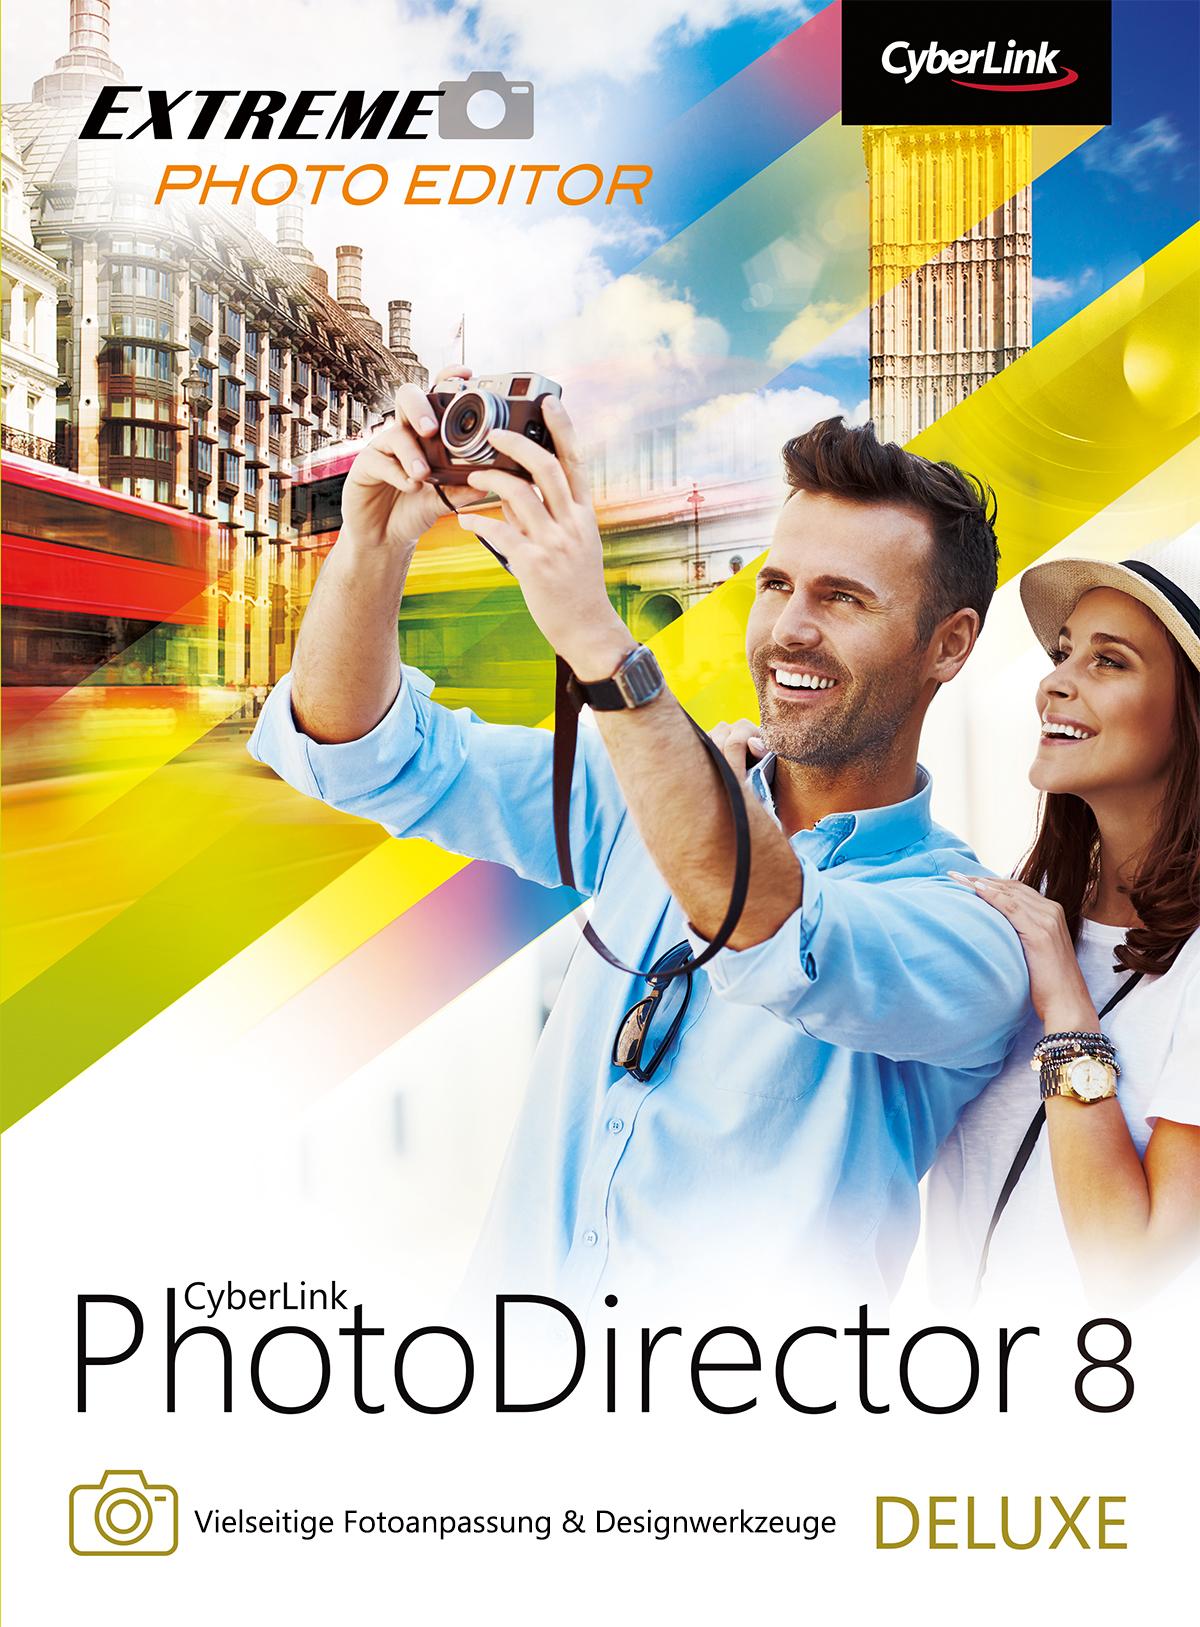 cyberlink-photodirector-8-deluxe-download